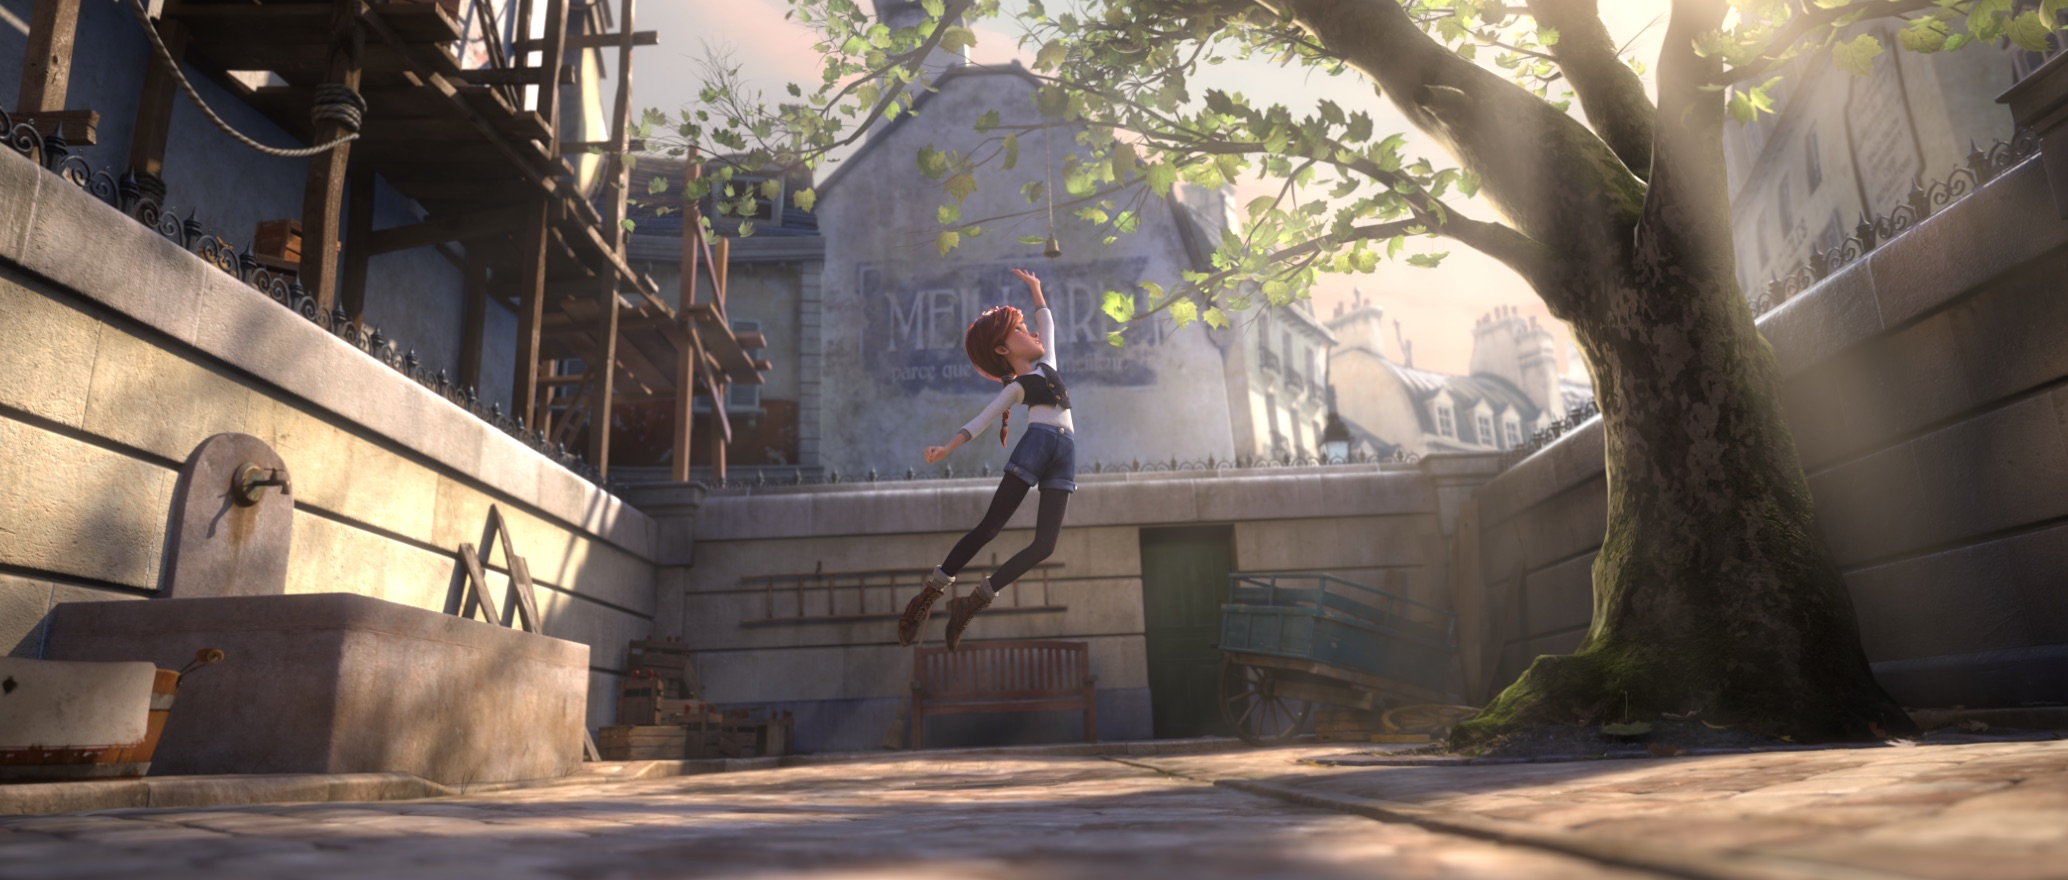 فيليسي تنجح في القفز عاليا والهبوط بخفة كالريشة.